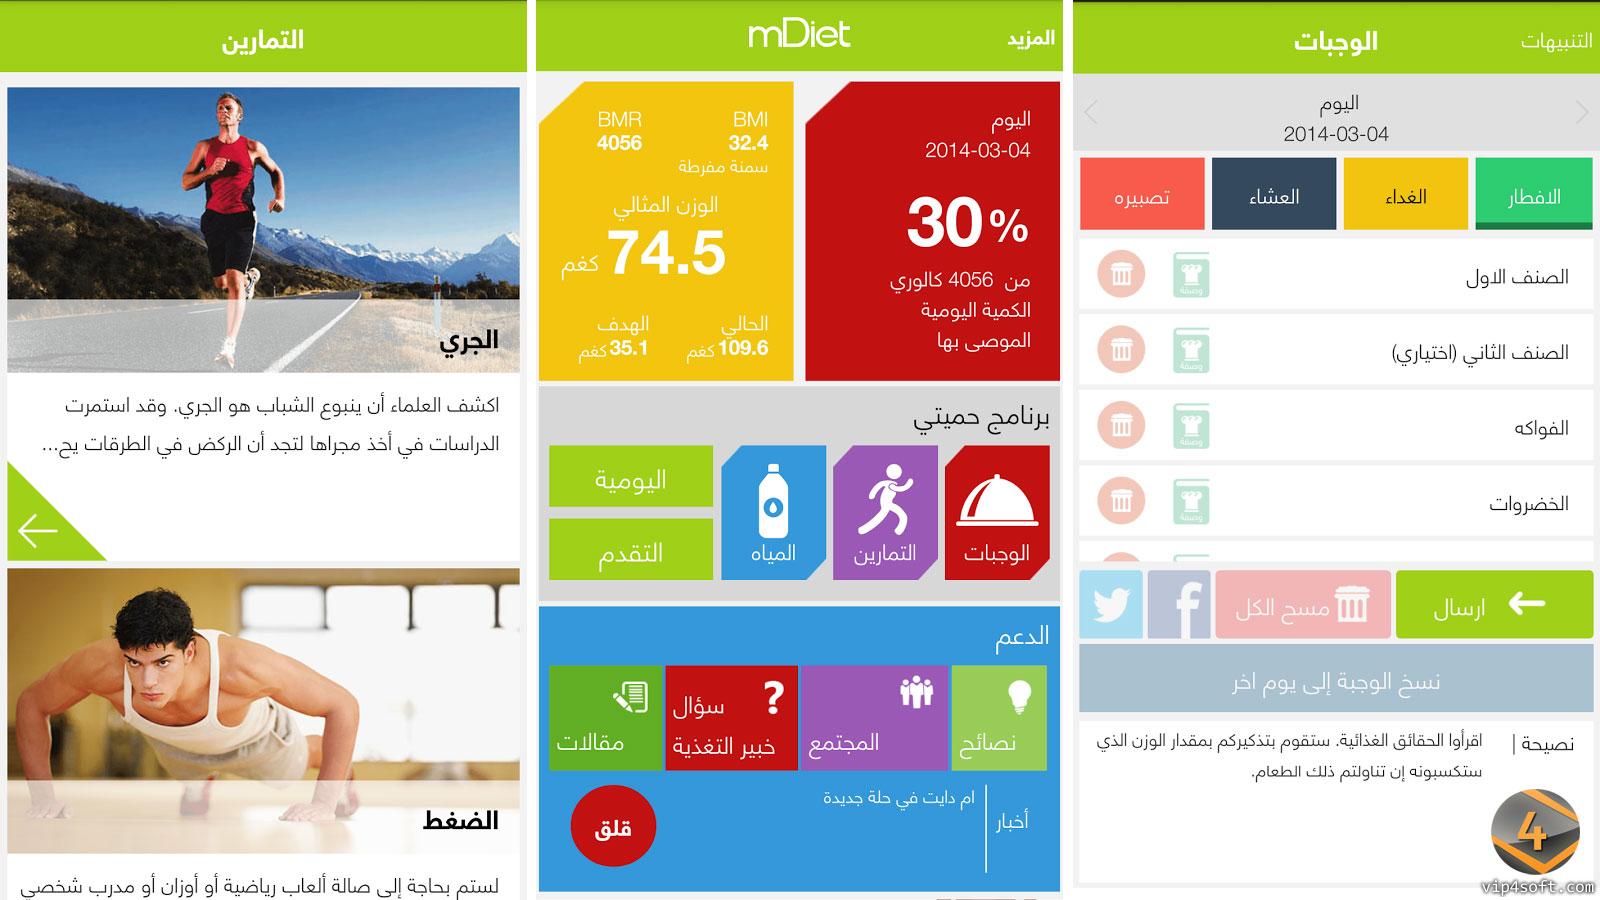 mDiet تطبيق الحمية العربي على الأندرويد